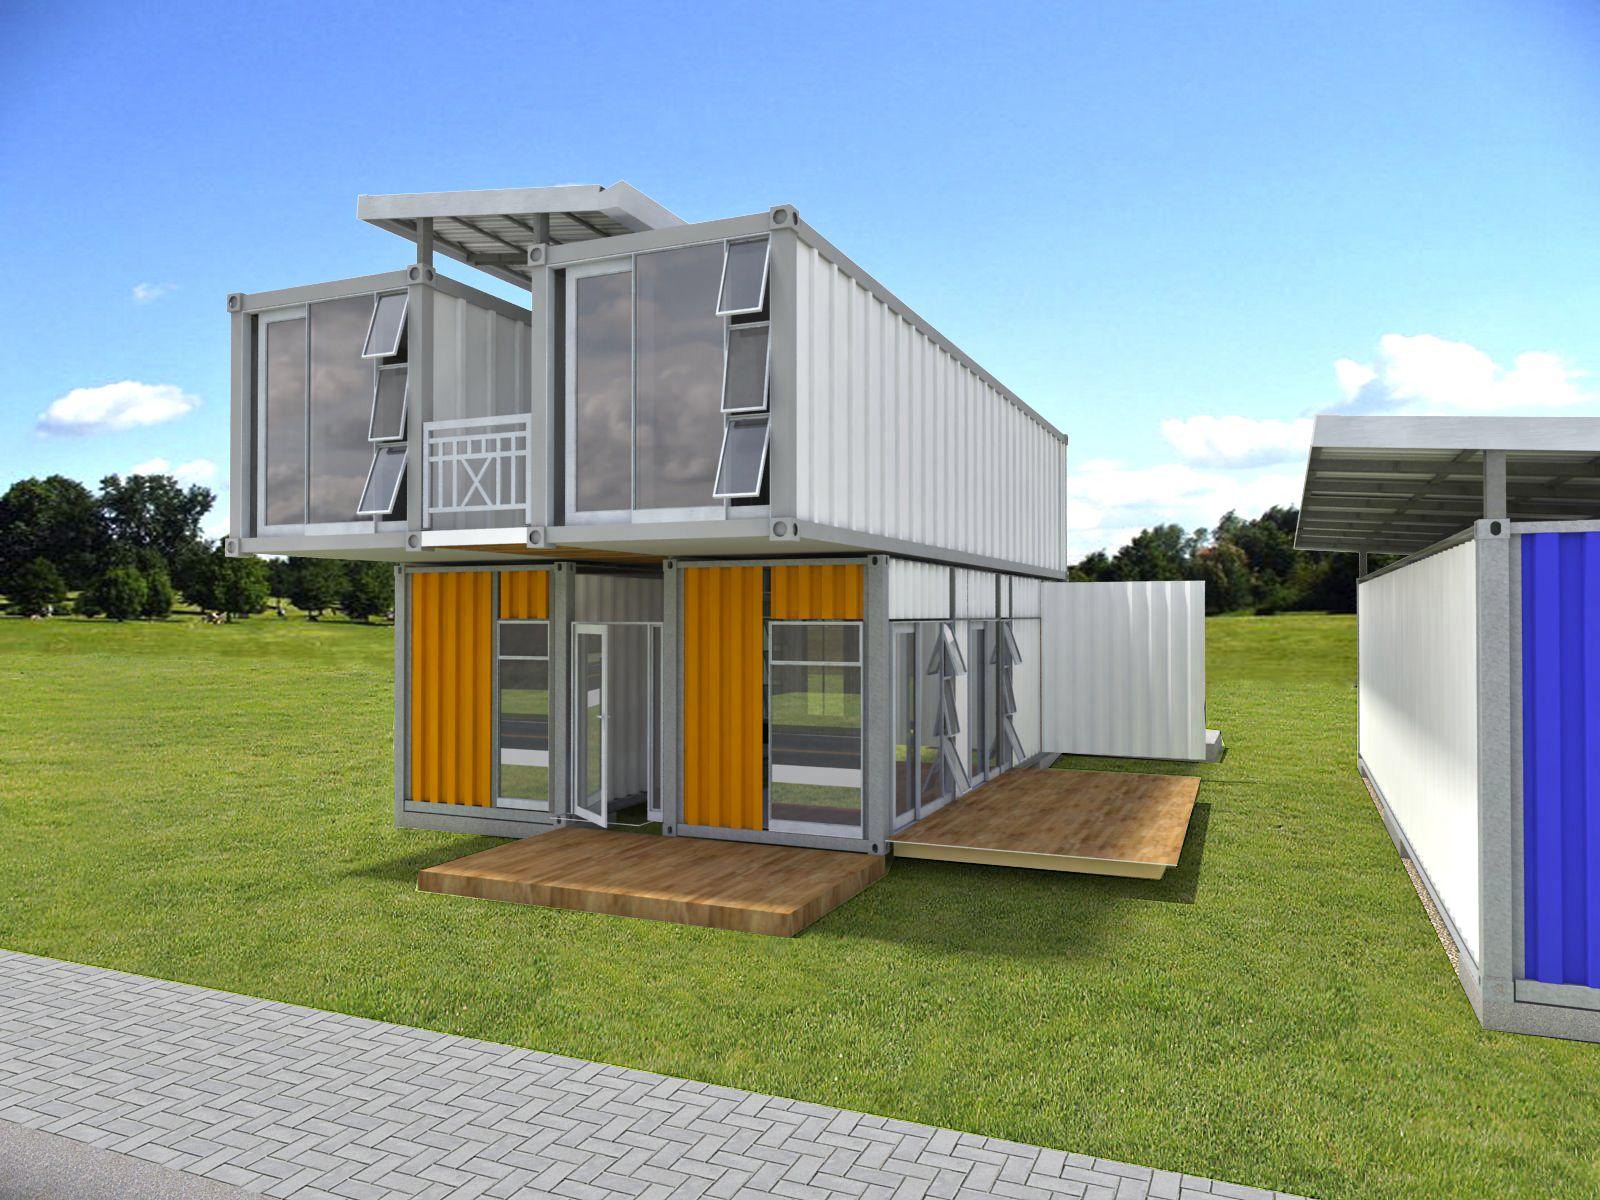 Casa container 3 modelos skyscrapercity solu es - Casa container espana ...